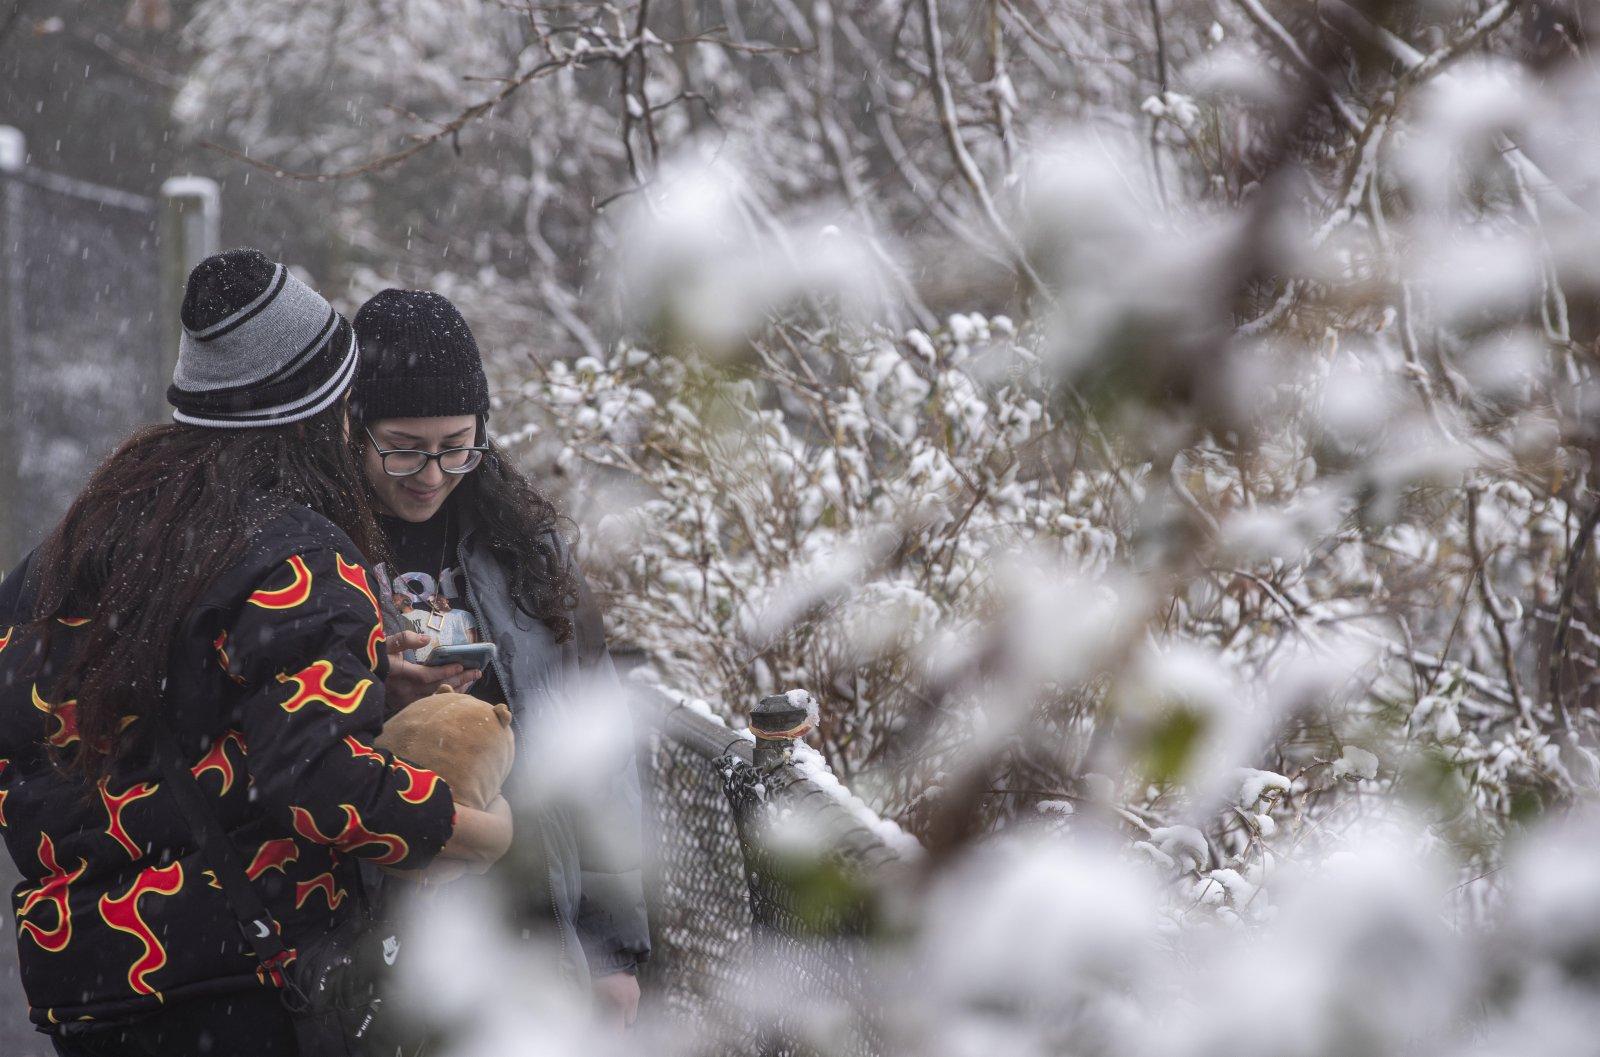 6月10日,人們站在澳大利亞新南威爾士州藍山地區掛滿積雪的植被旁。(新華社)